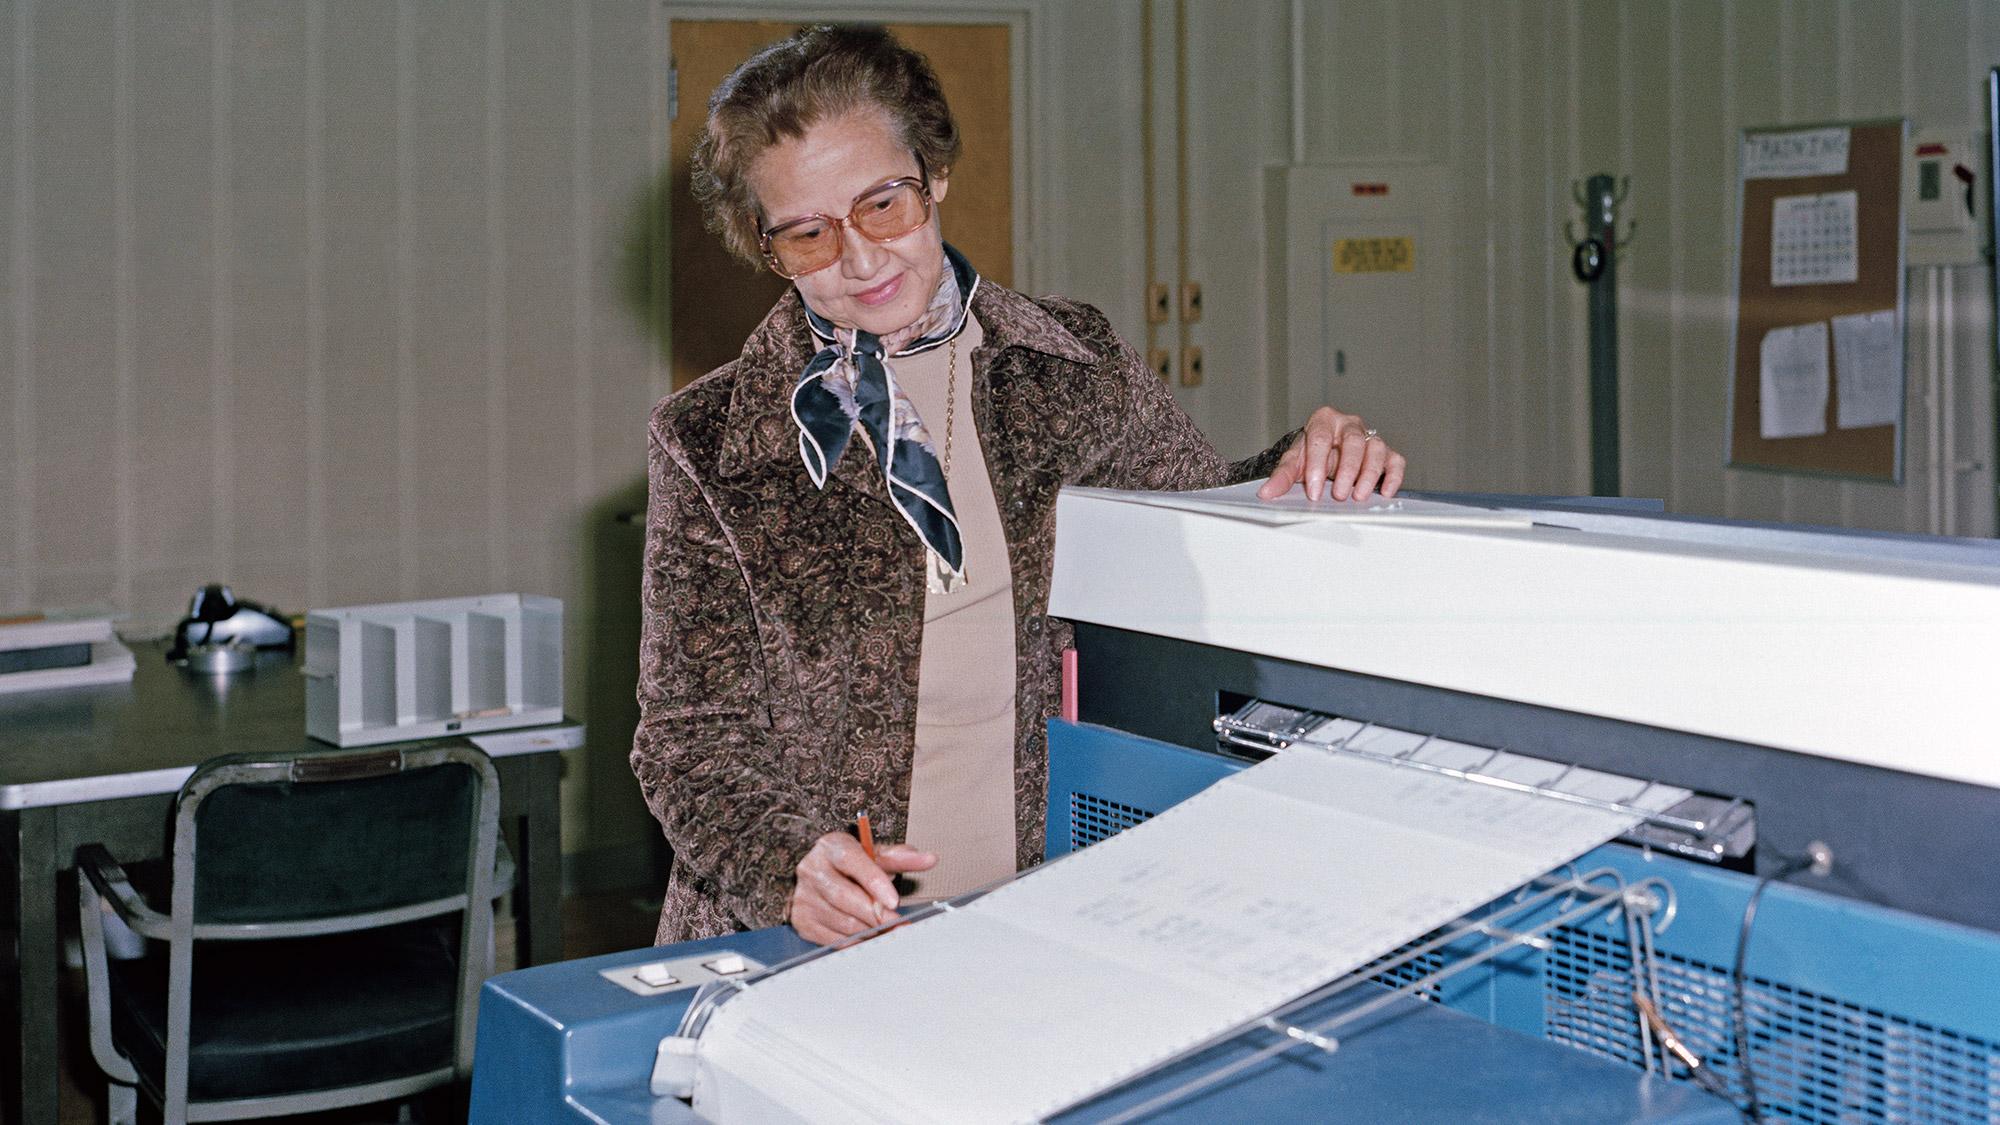 La mathématicienne Katherine Johnson au travail au Langley Research Center de la NASA en 1980.